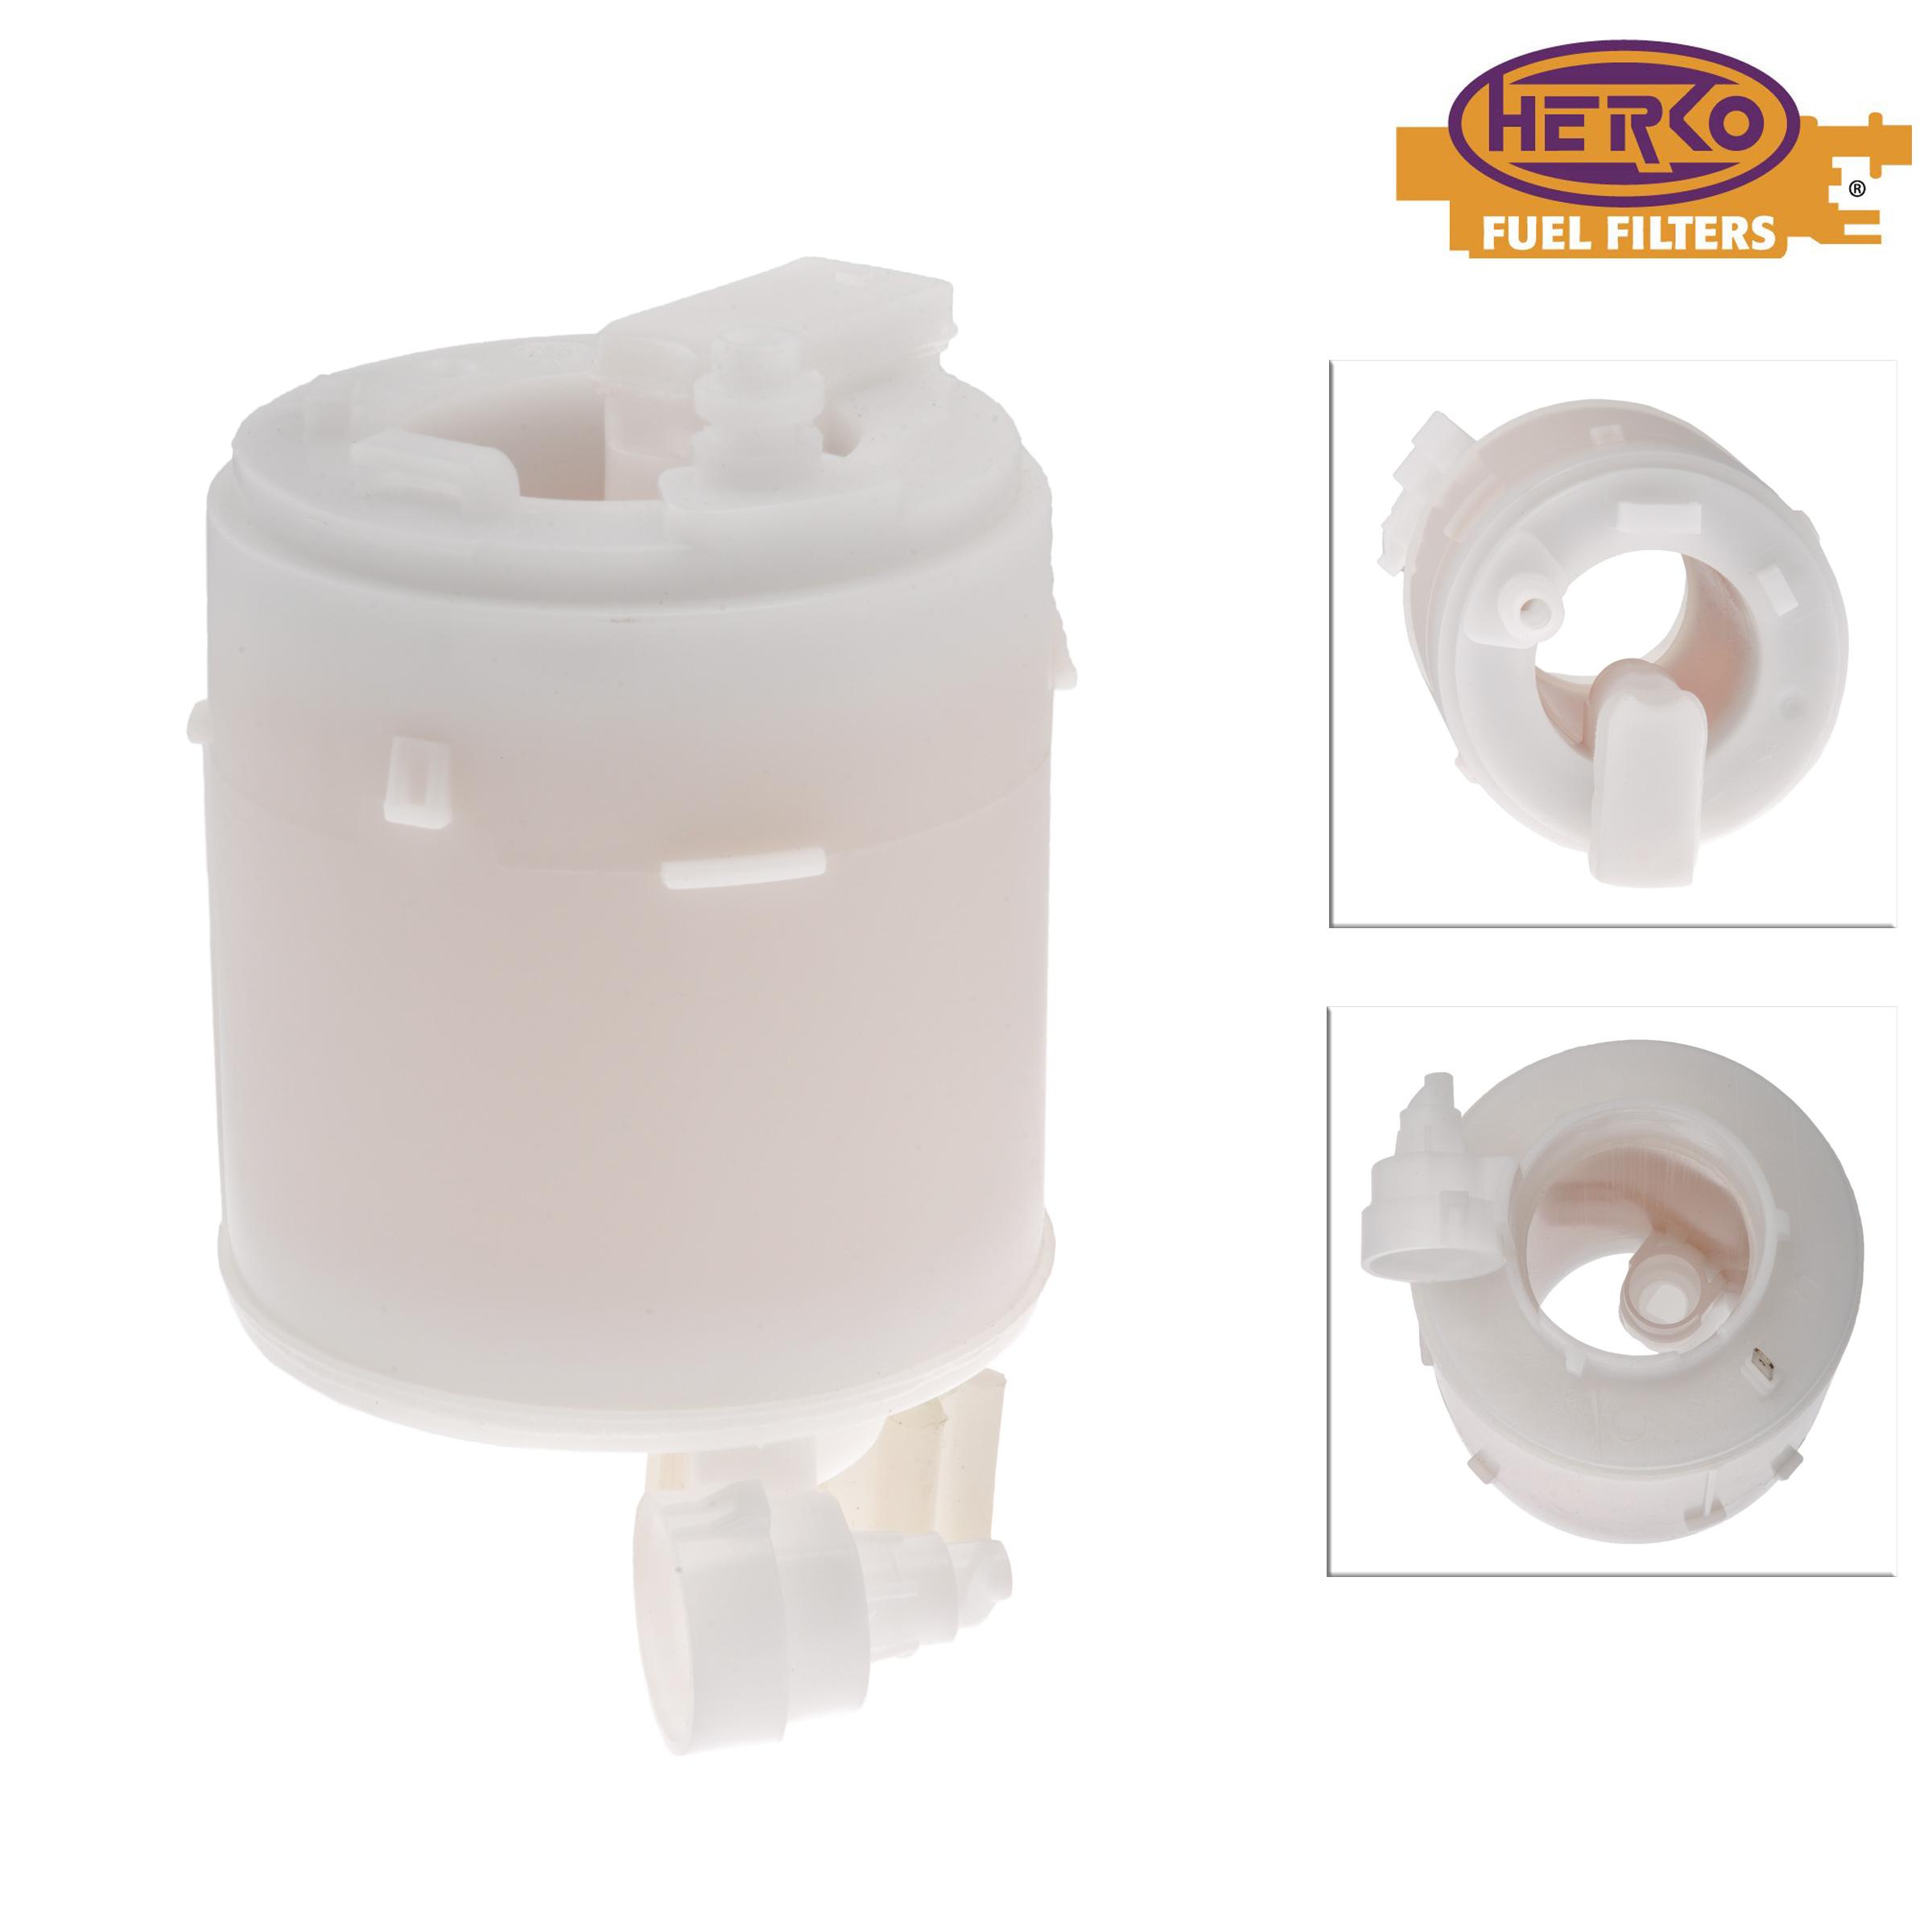 Herko Fuel Filter FHY40 For Hyundai Elantra 40 40 Kia Sorento ...